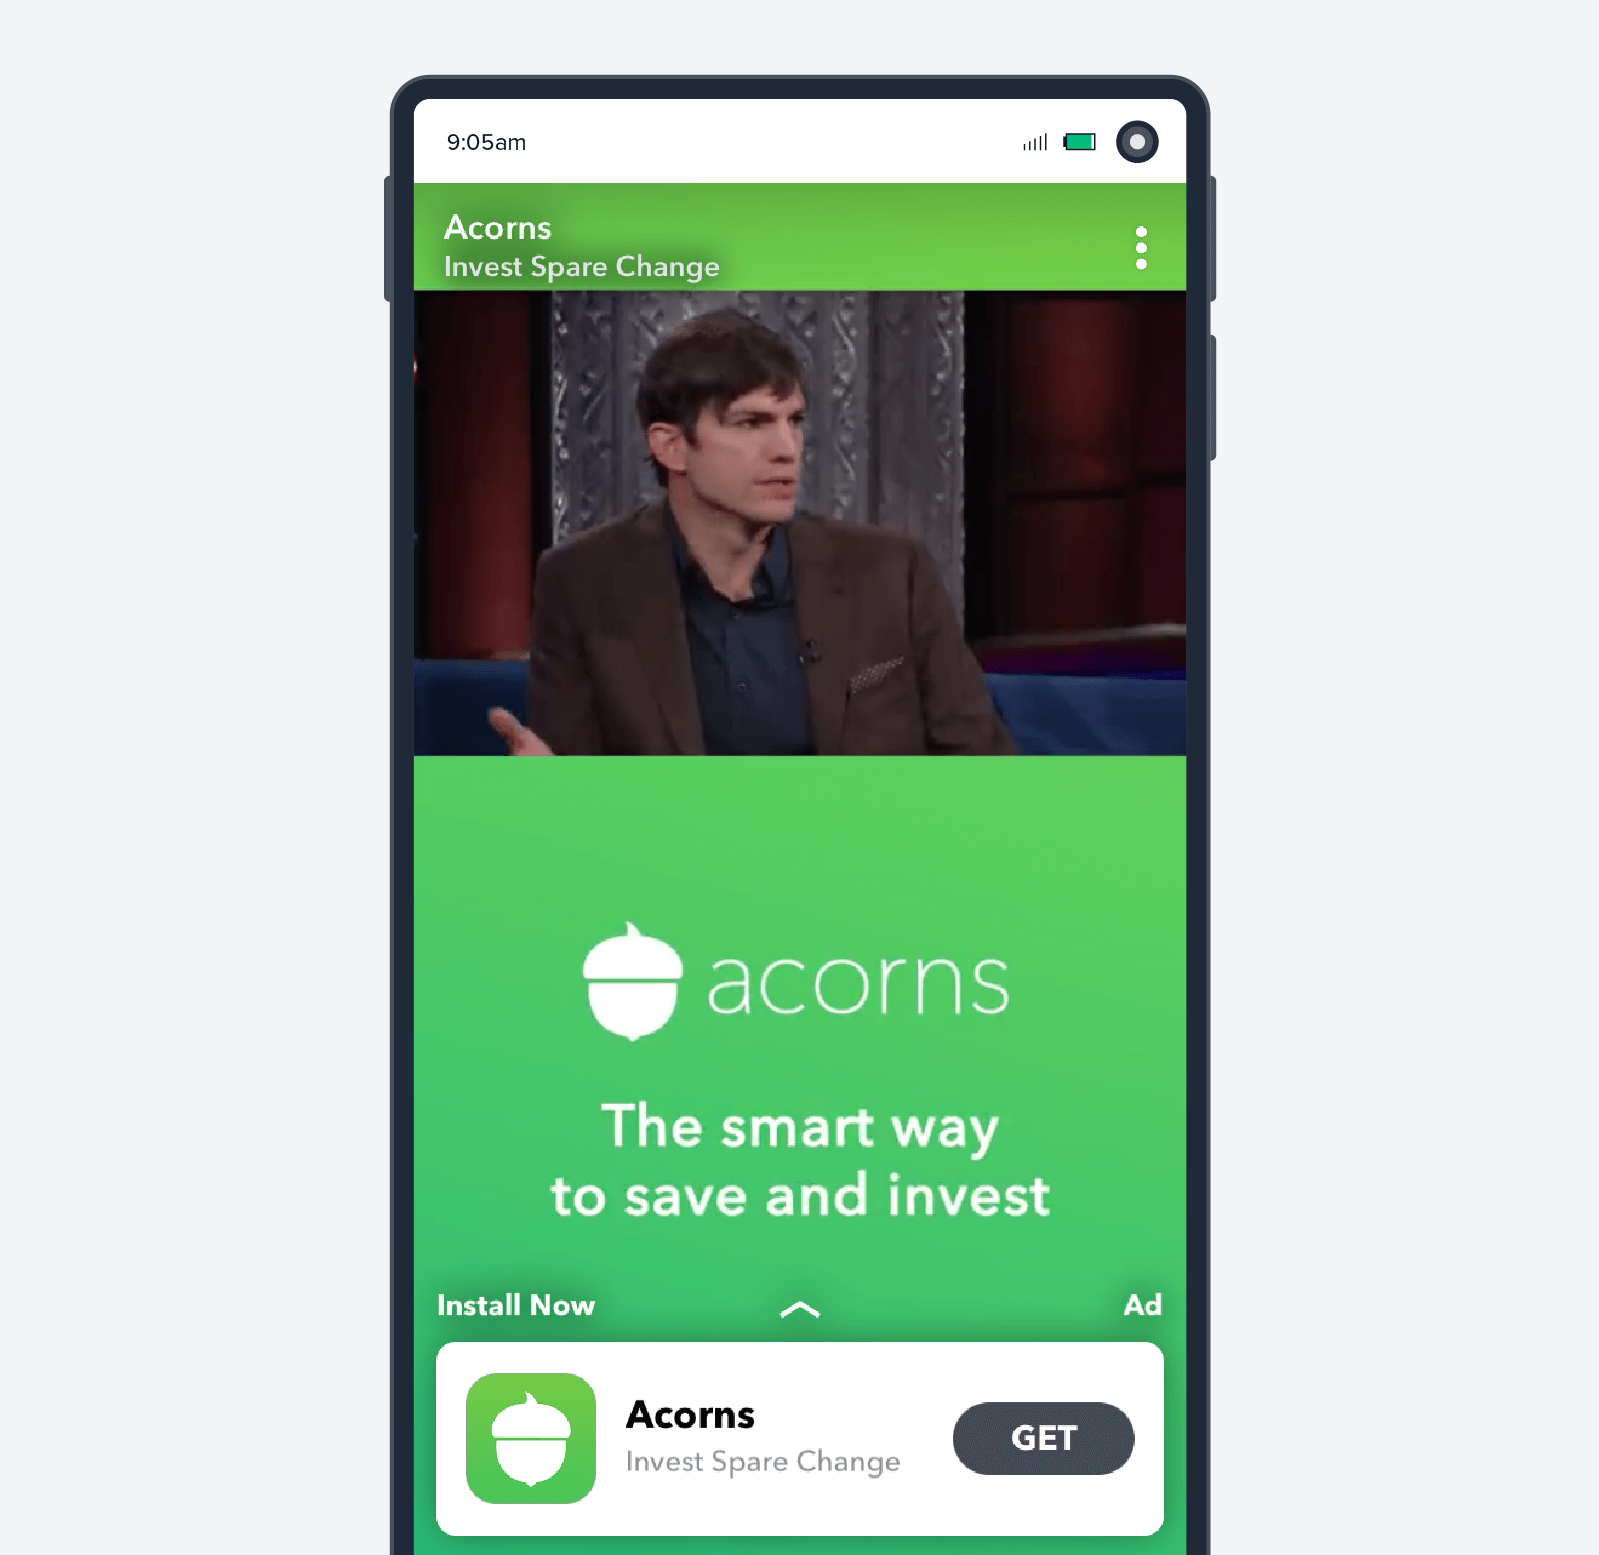 Acorns mobile ad